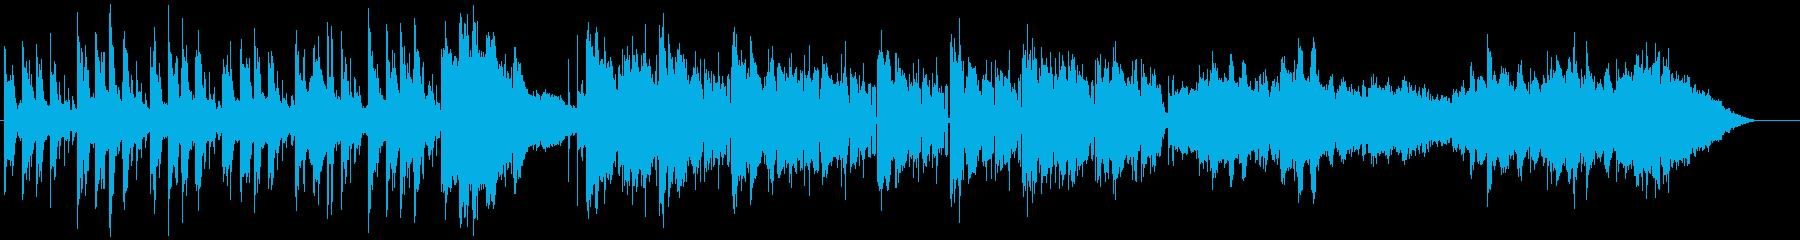 爽やかキラキラEDM系◇オープニング用の再生済みの波形